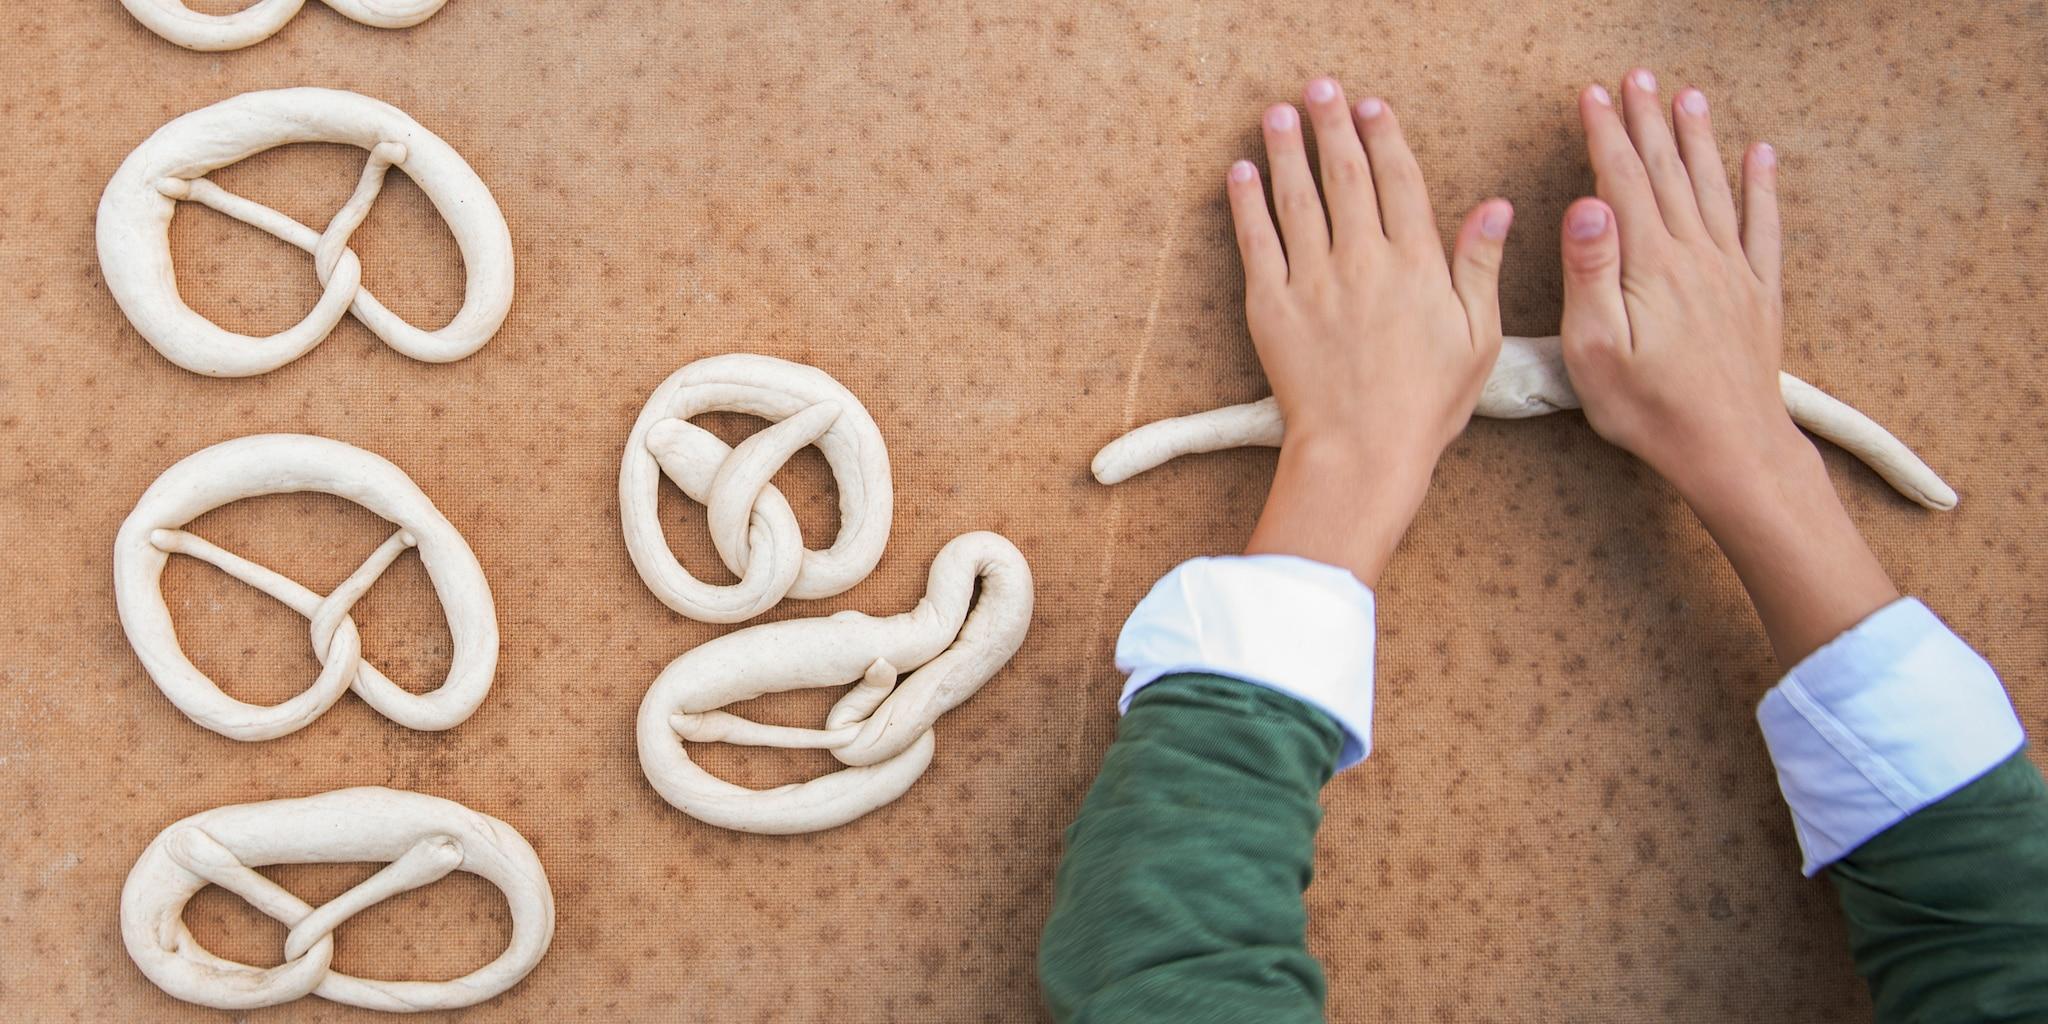 Hands roll dough into pretzels